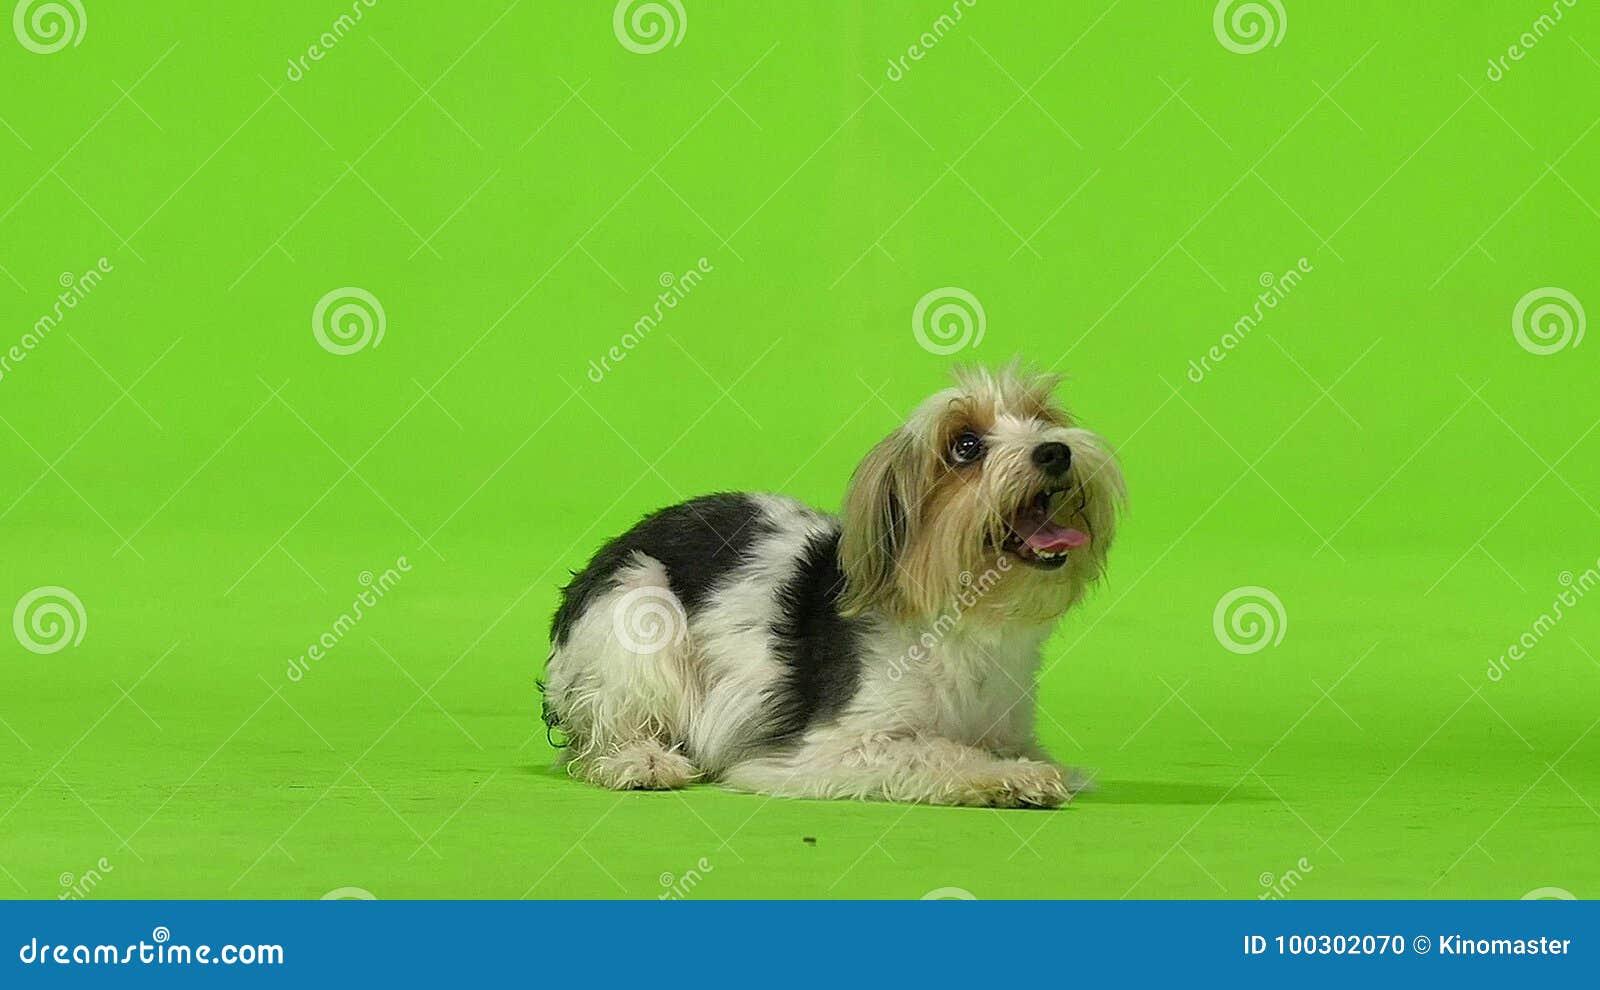 Le Terrier De Yorkshire Veut Boire Ecran Vert Mouvement Lent